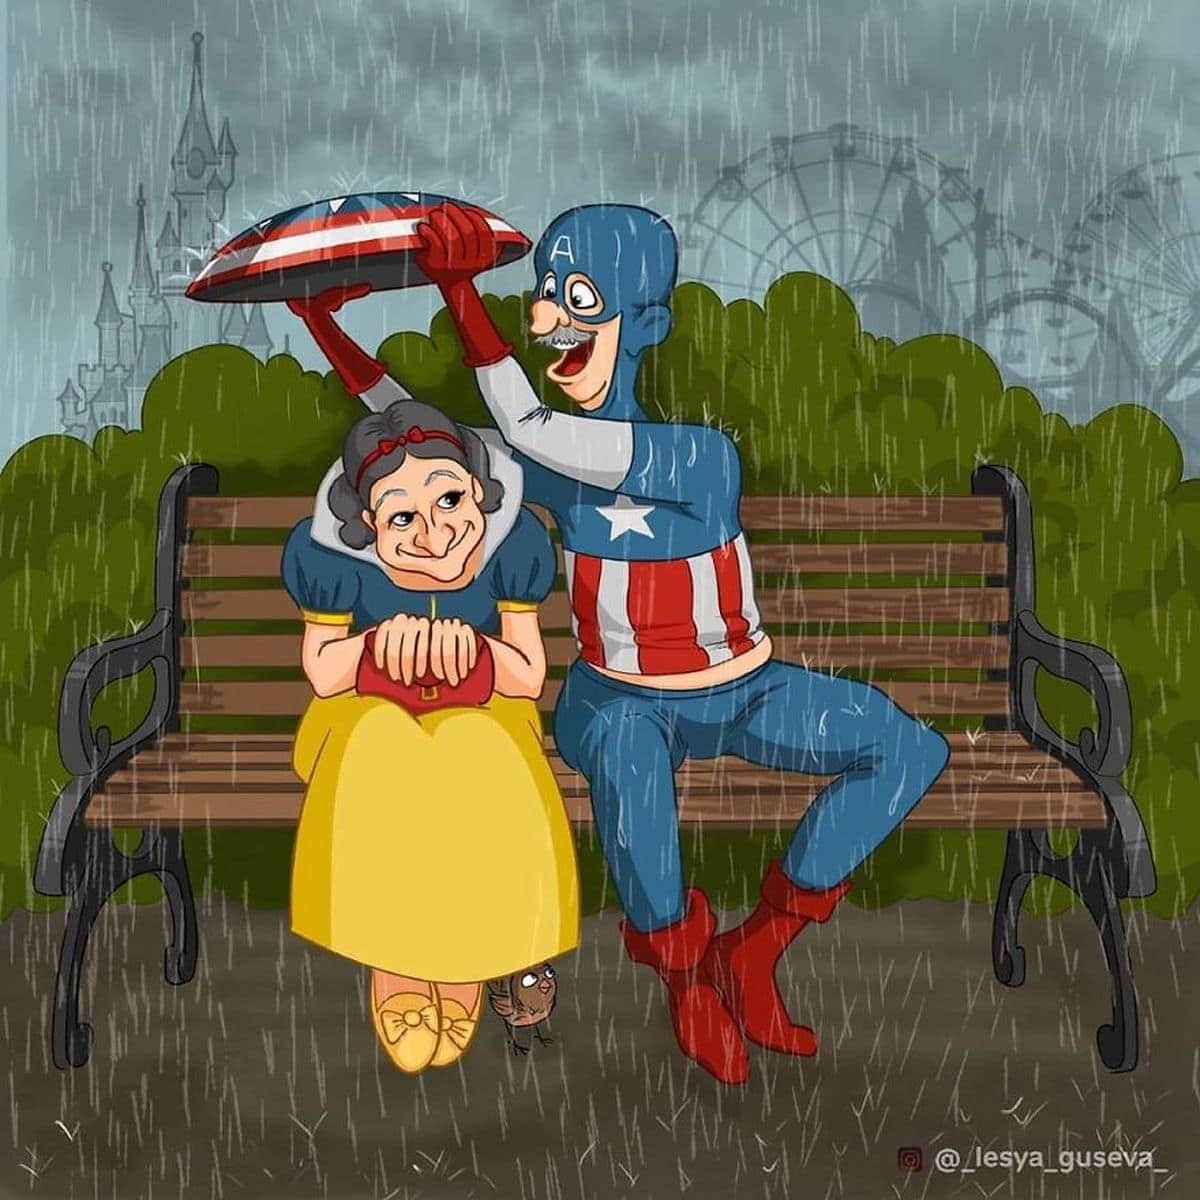 Gealterte Superhelden von Lesya Guseva | Design/Kunst | Was is hier eigentlich los?